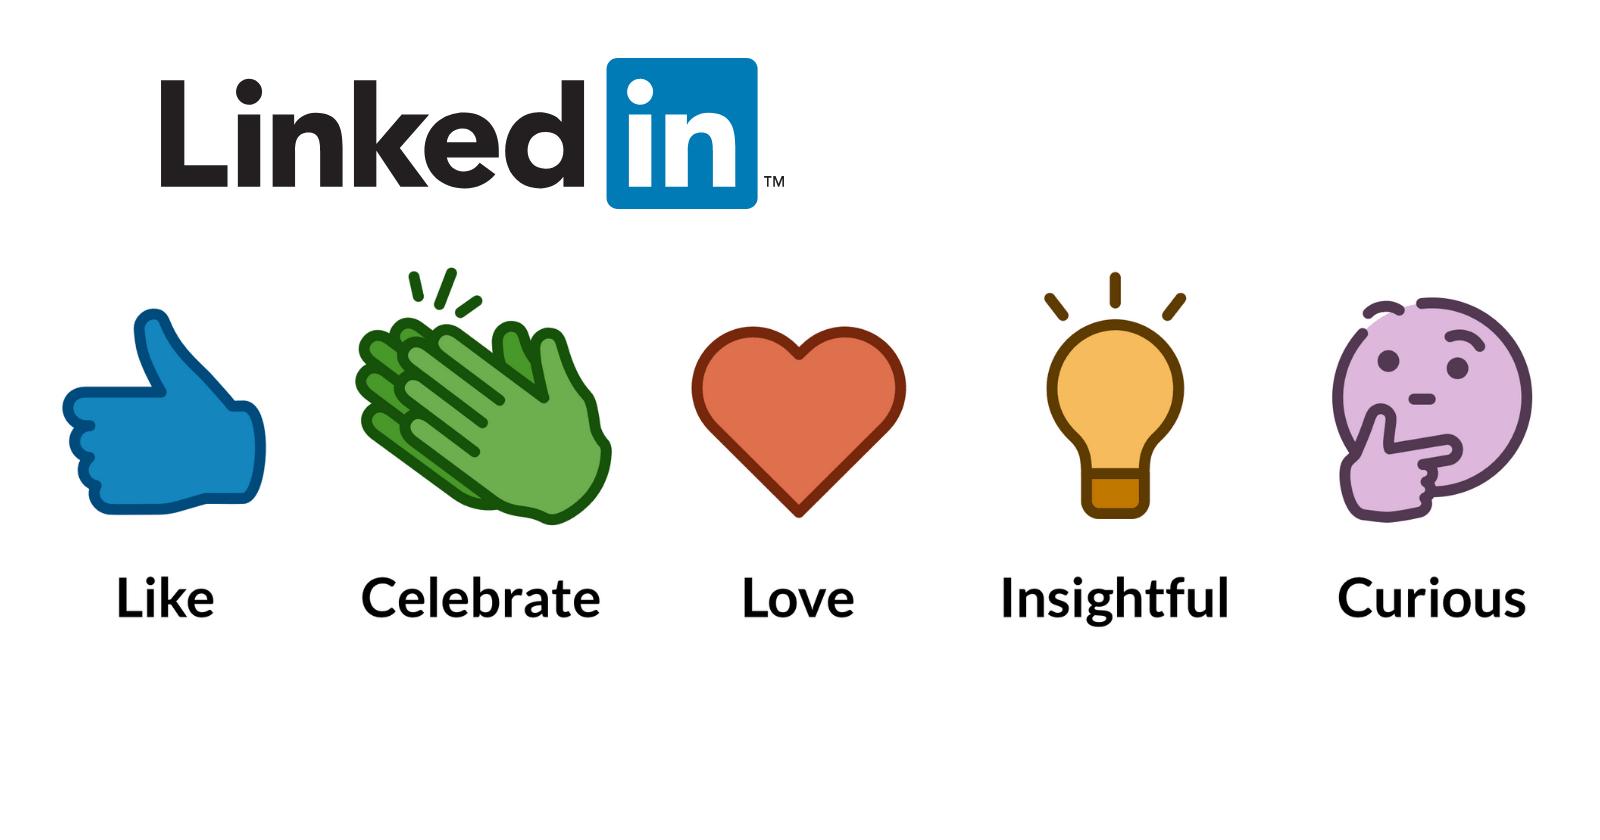 LinkedIn vise à renforcer l'engagement avec une gamme de réactions aux messages